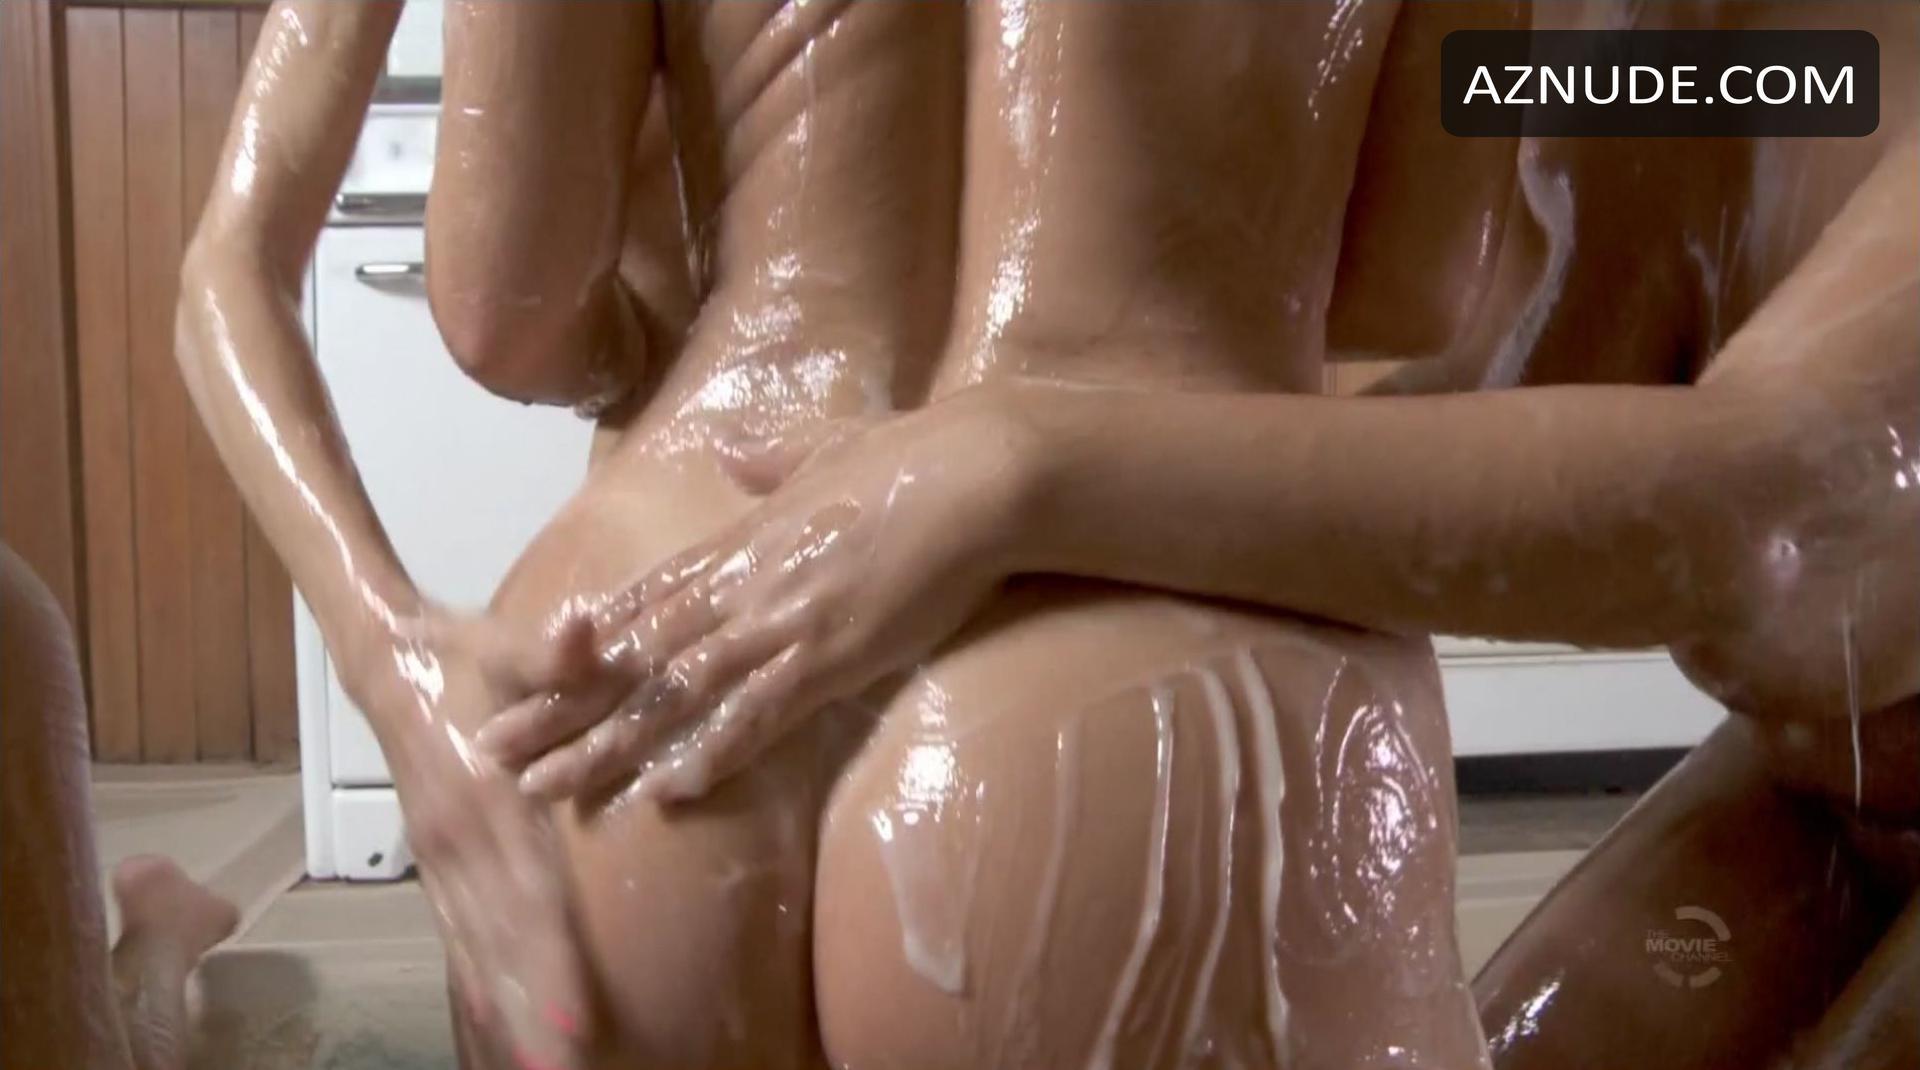 CINDY LUCAS Nude - AZNude